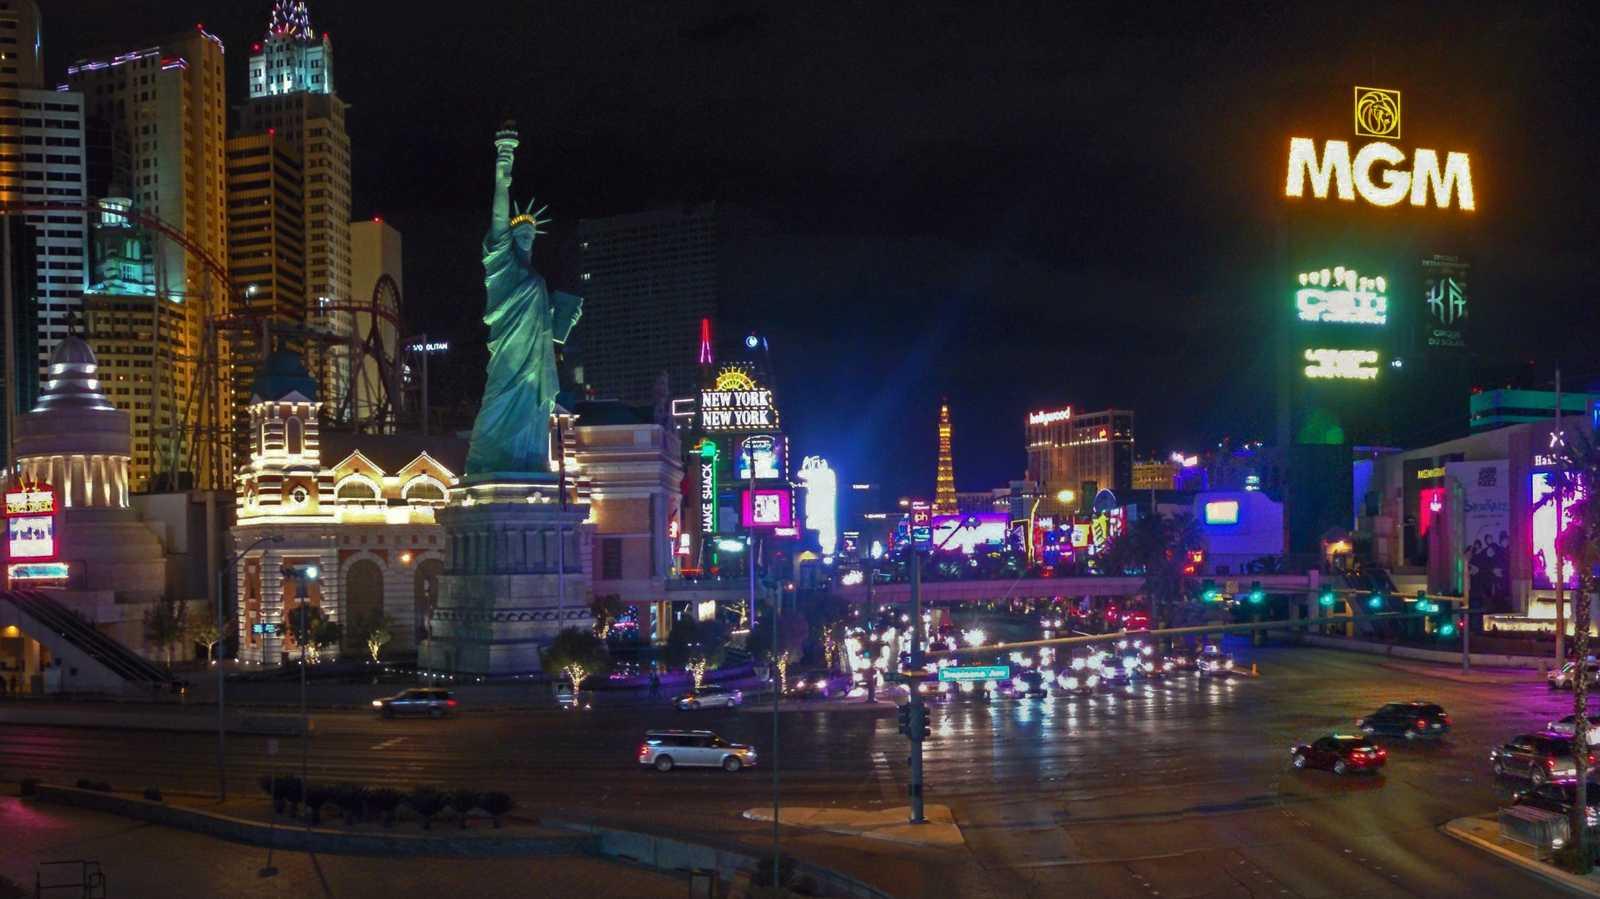 Daten von 10,6 Millionen MGM-Hotelgästen im Netz